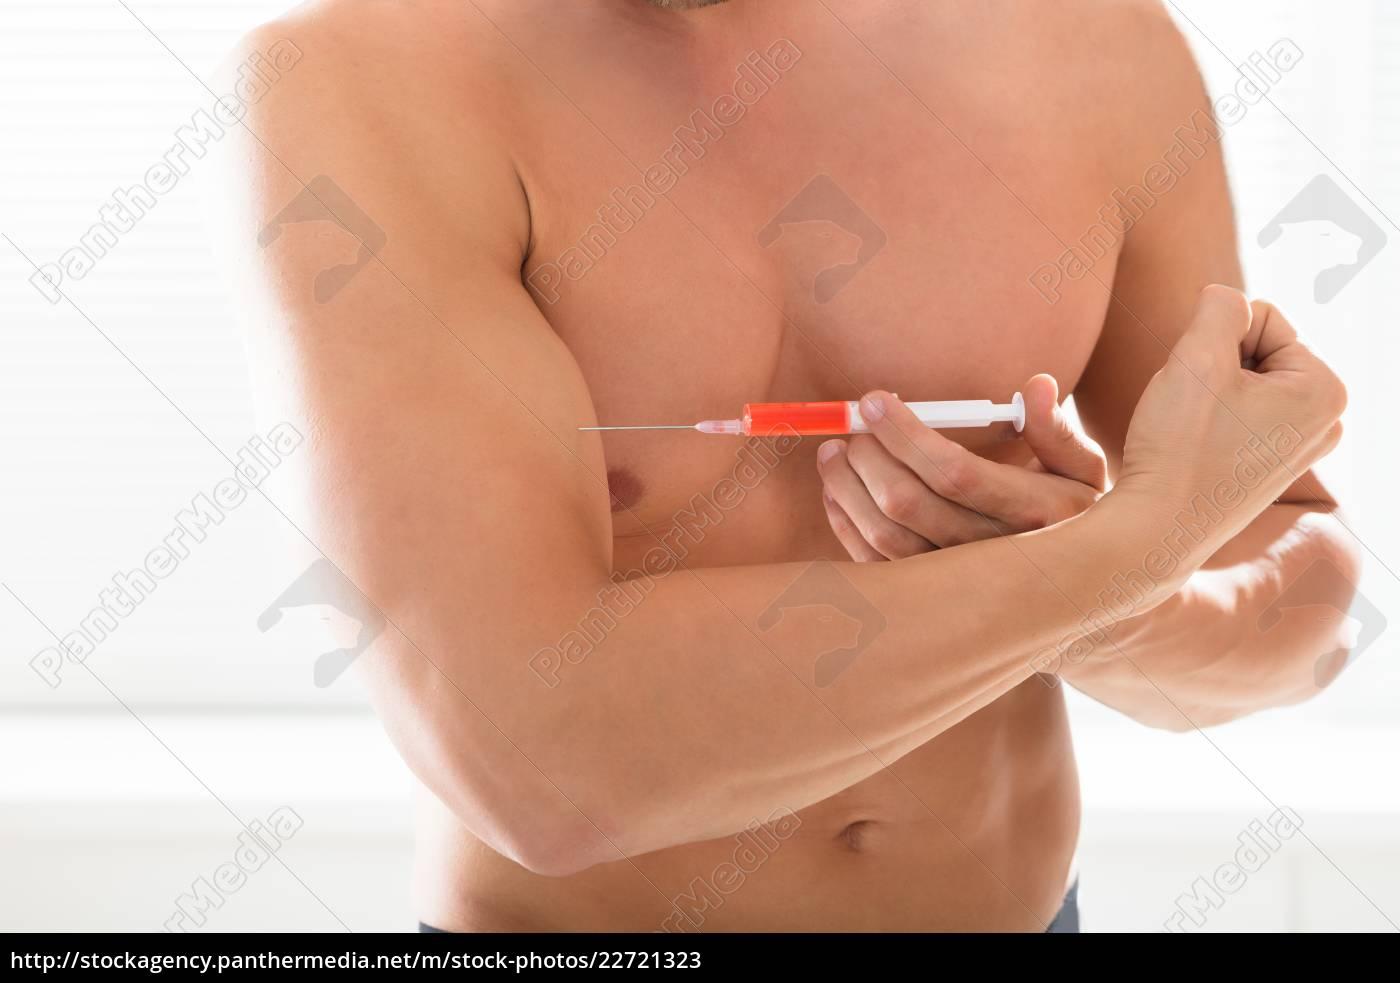 shirtless, bodybuilder, man, injecting, syringe, in - 22721323